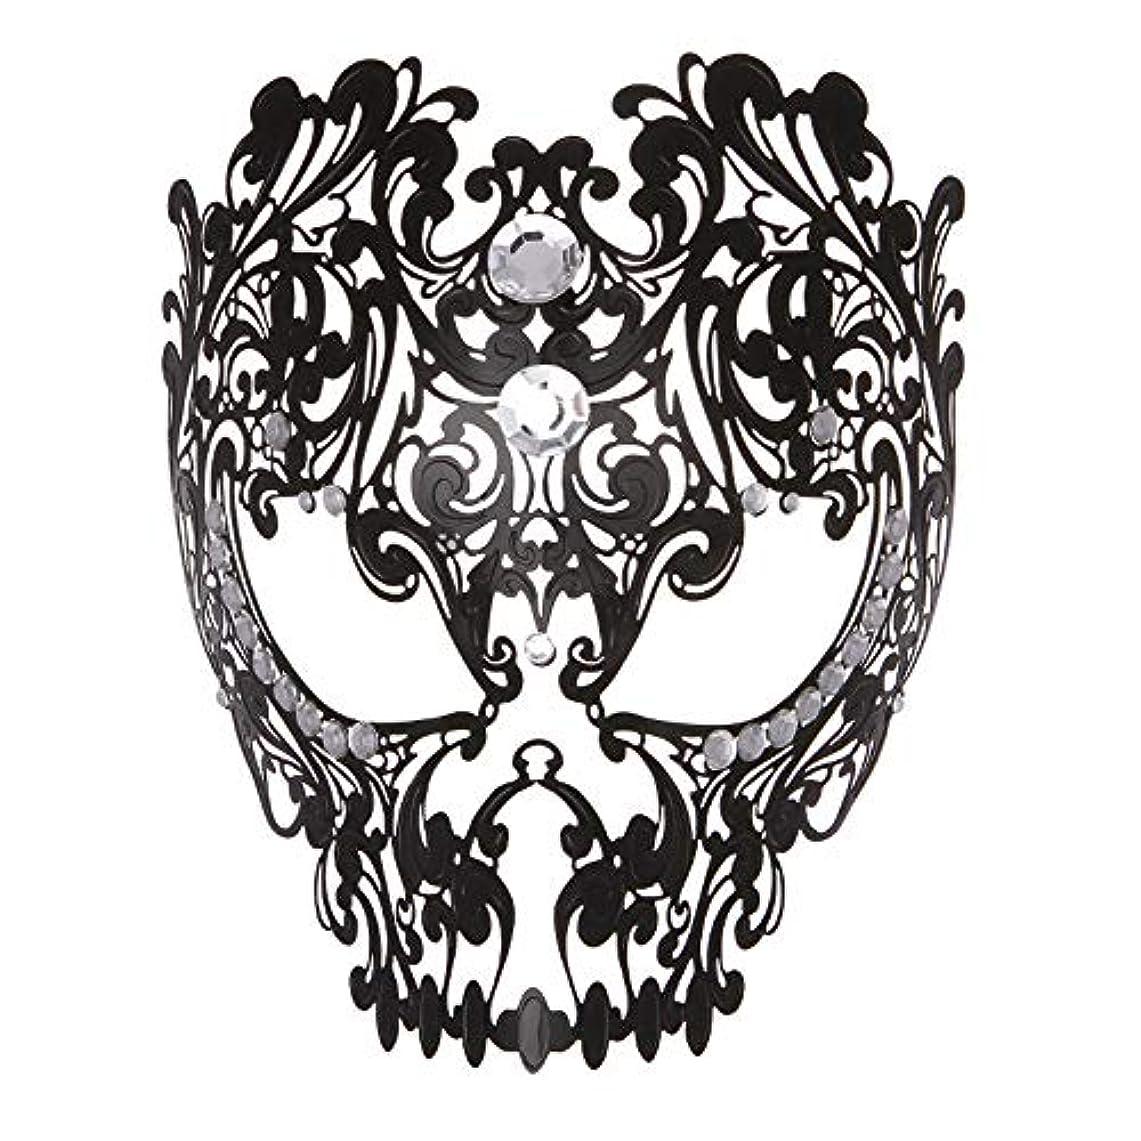 詐欺師ベッドを作る船酔いダンスマスク フルフェイスエナメル金属象眼細工中空マスクナイトクラブパーティーロールプレイングマスカレードマスク パーティーマスク (色 : ブラック, サイズ : Universal)